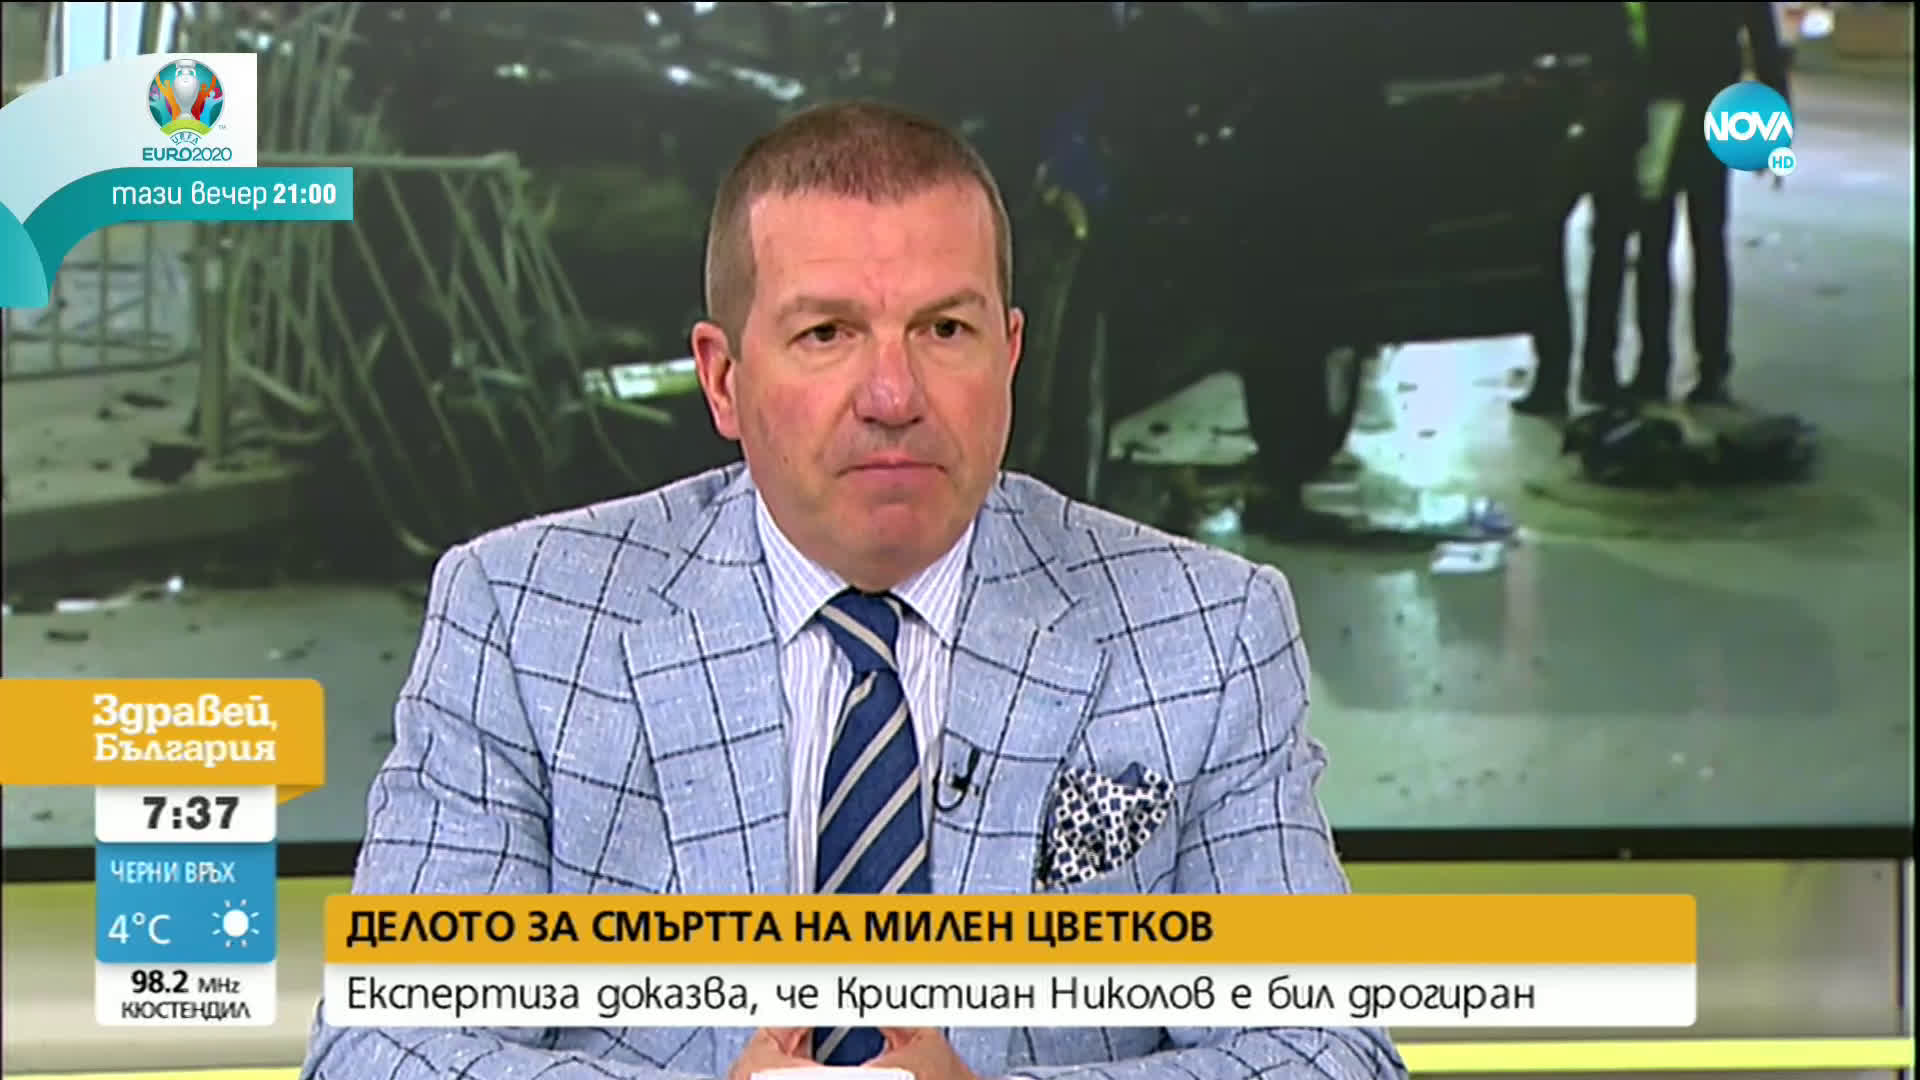 Менков: Николов е употребил наркотици и е осъзнавал какво може да се случи